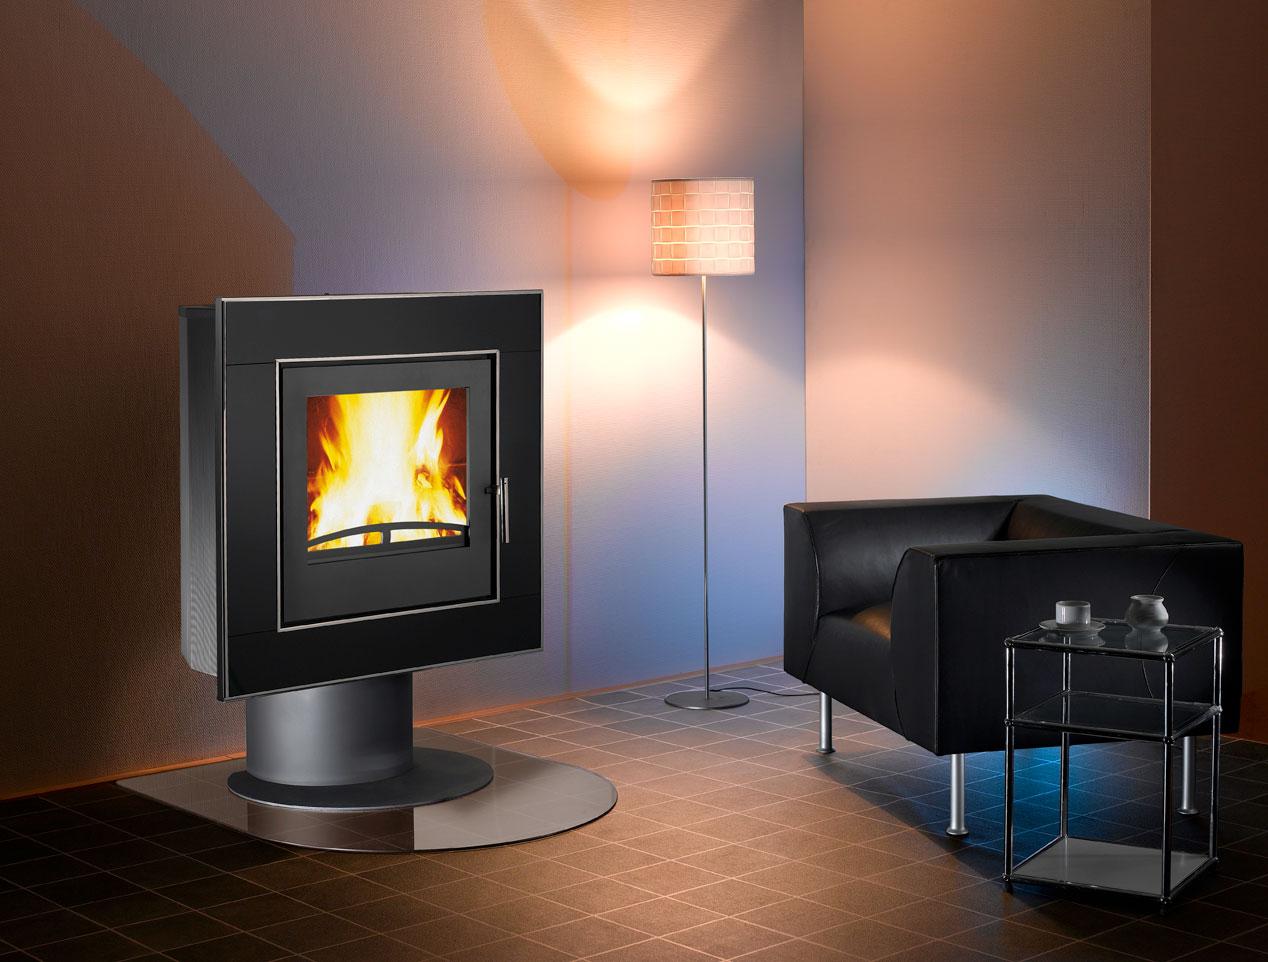 wamsler kaminofen vision glas pregler heizungsbau. Black Bedroom Furniture Sets. Home Design Ideas